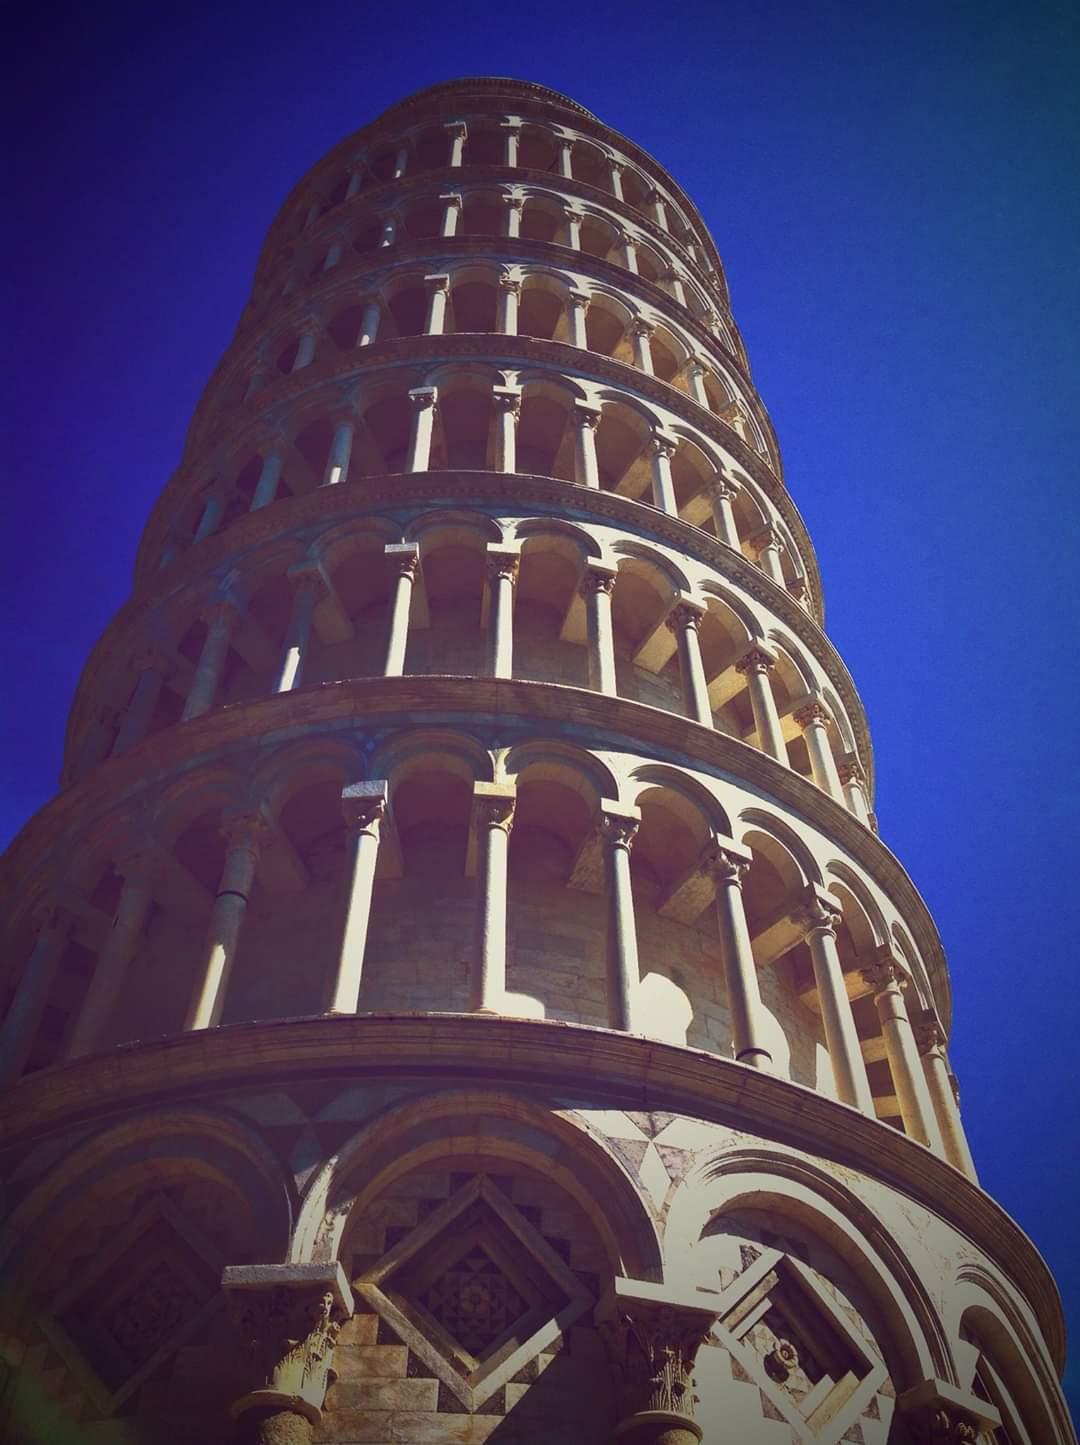 Particolare di Piazza dei miracoli, Pisa. Foto Francesca Cinus - Rivelatrice di Comunità